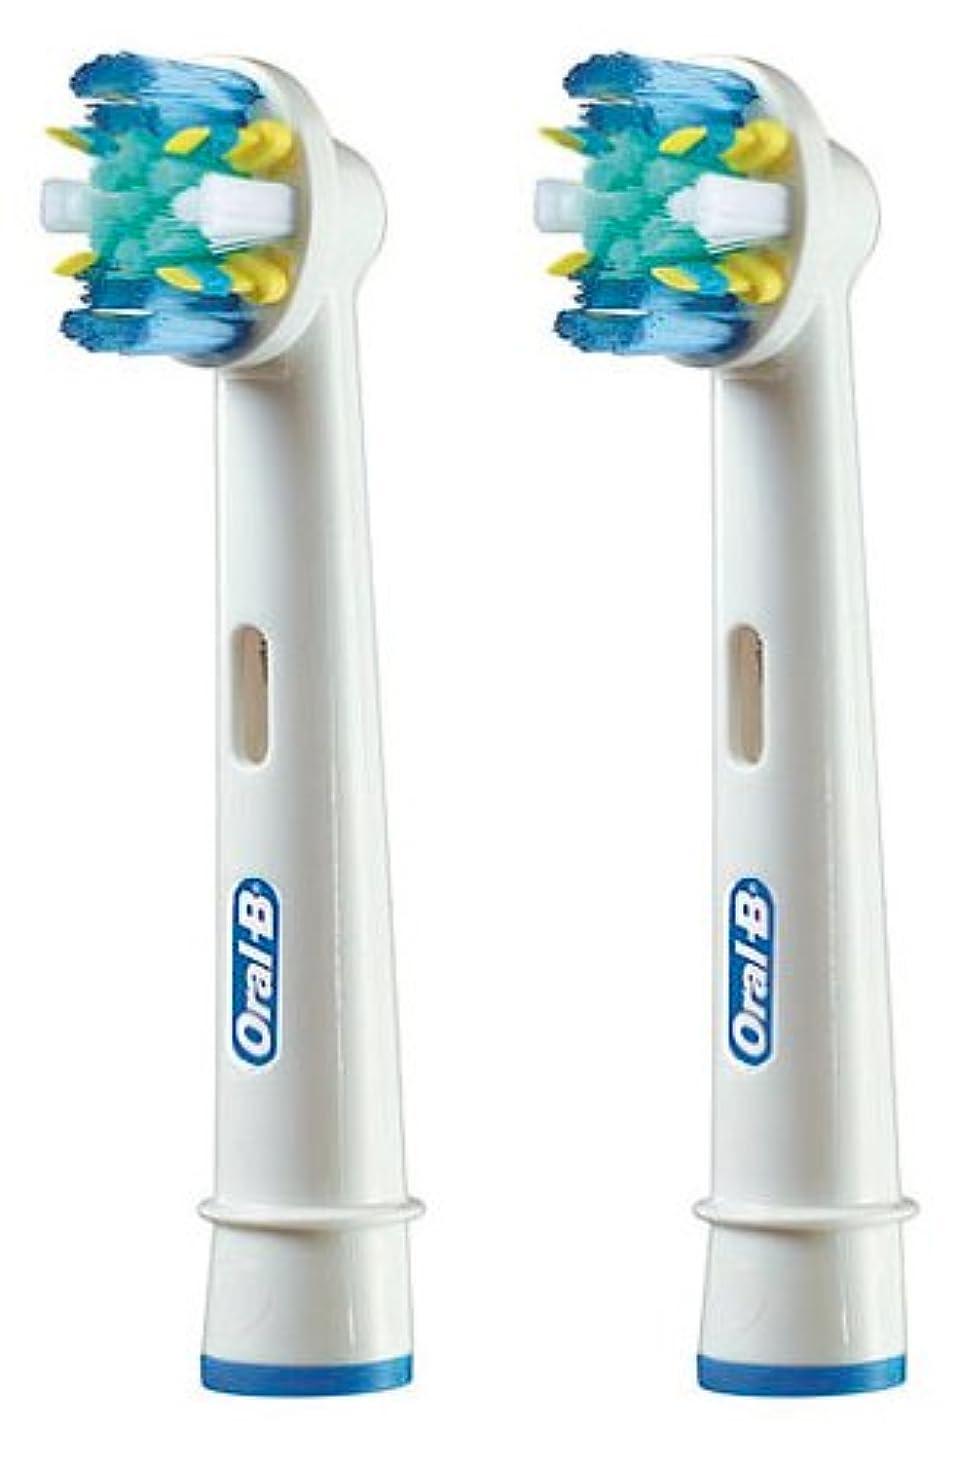 学習者コンチネンタル圧縮するブラウン オーラルB 電動歯ブラシ 替ブラシ 歯間ワイパー付きブラシ(フロスアクション) 2本入り EB25-2-HB